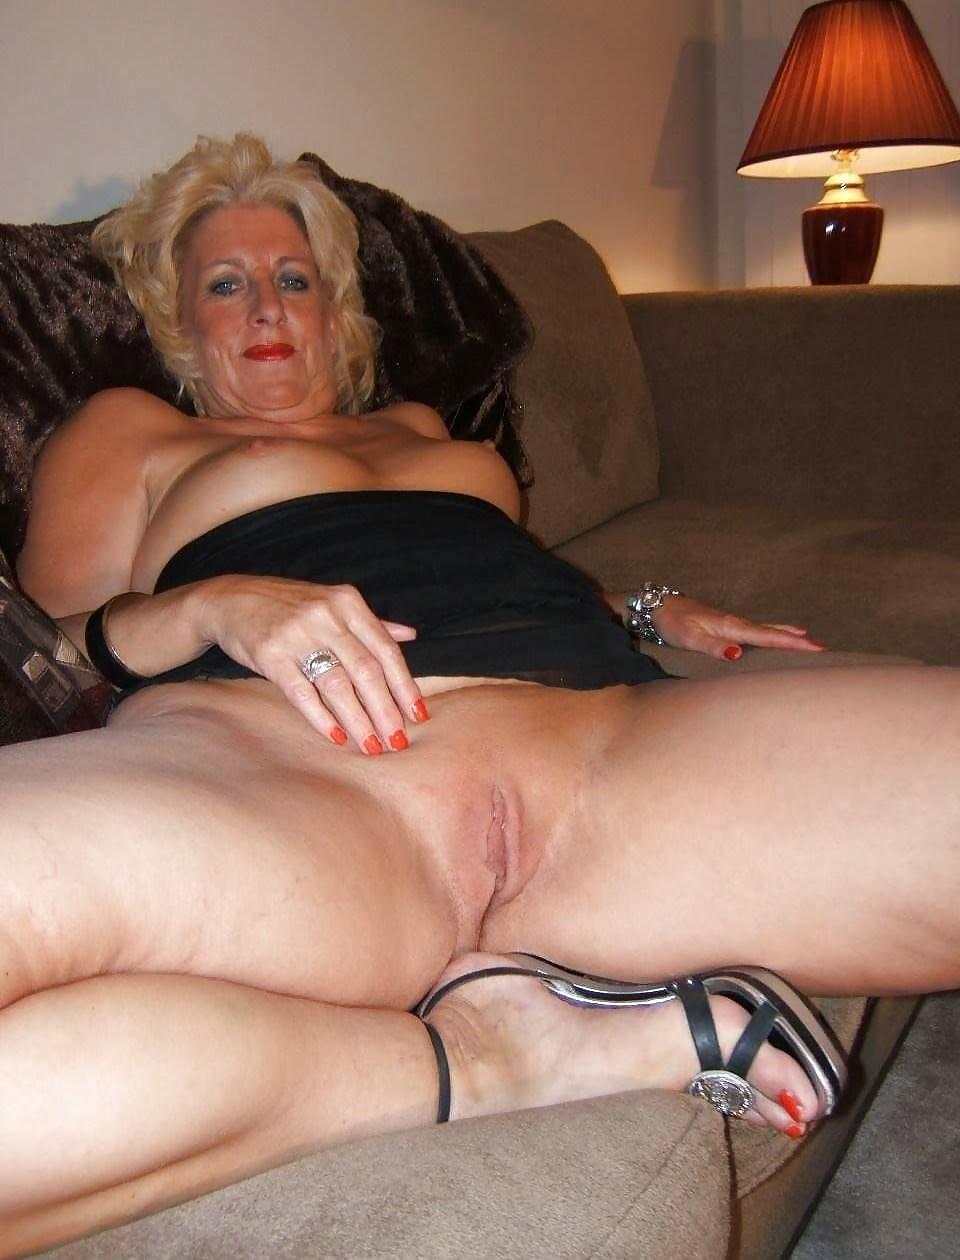 Смотреть фото секса на трассе с проституткой желательно